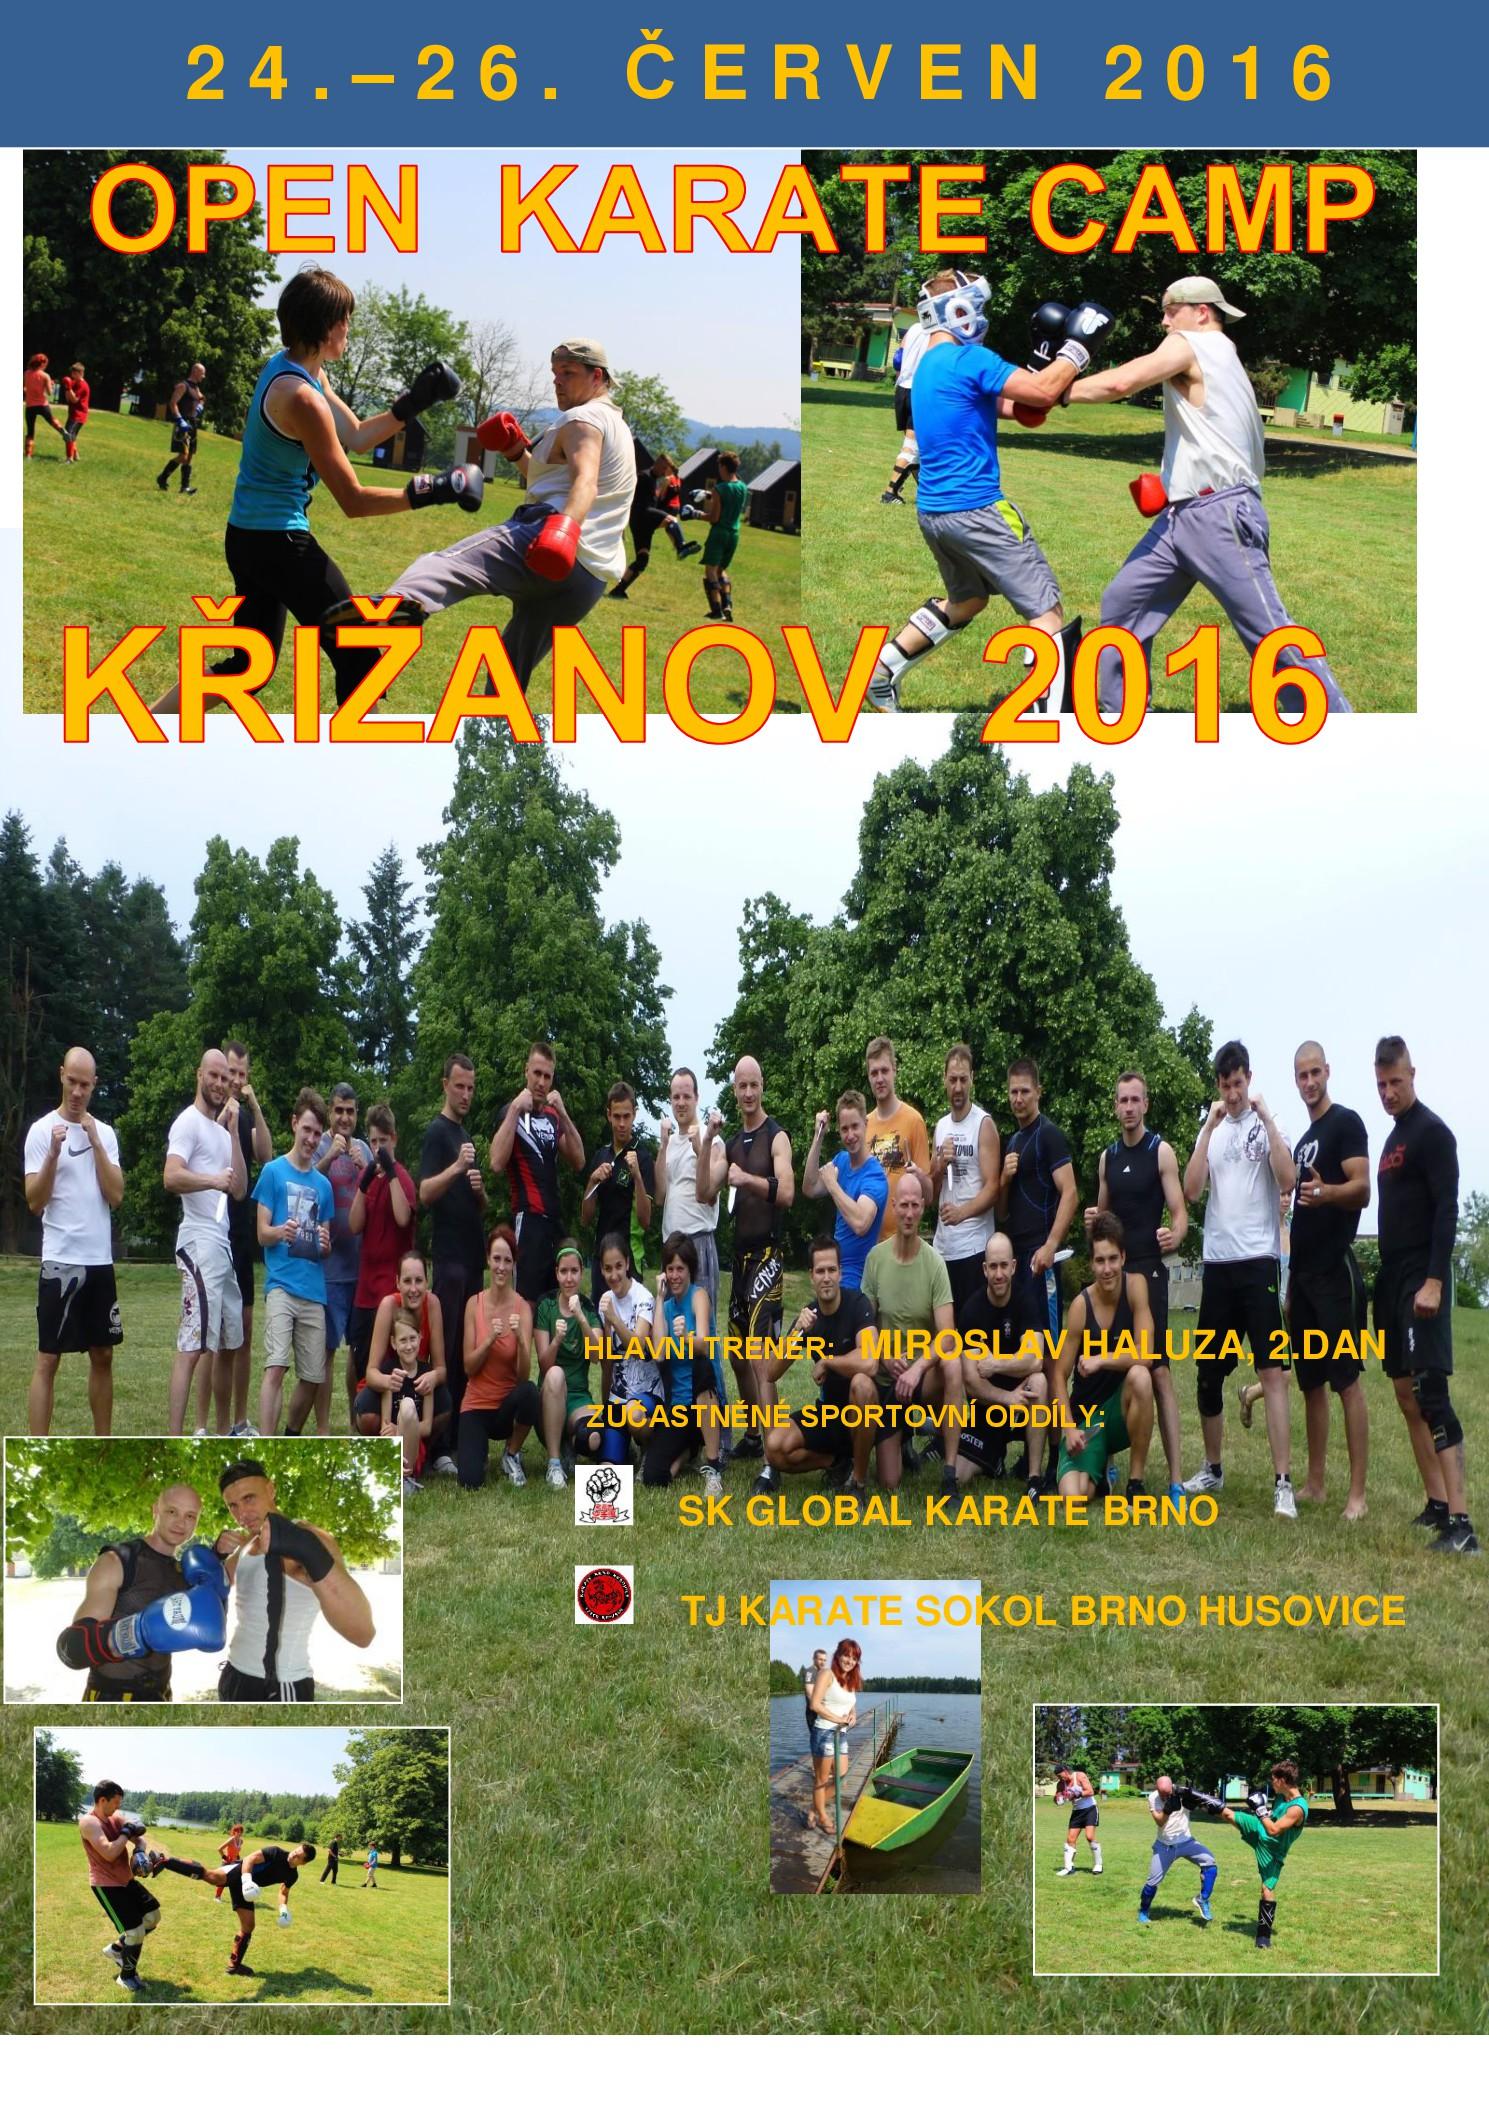 Krizanov2016-plakat.jpg